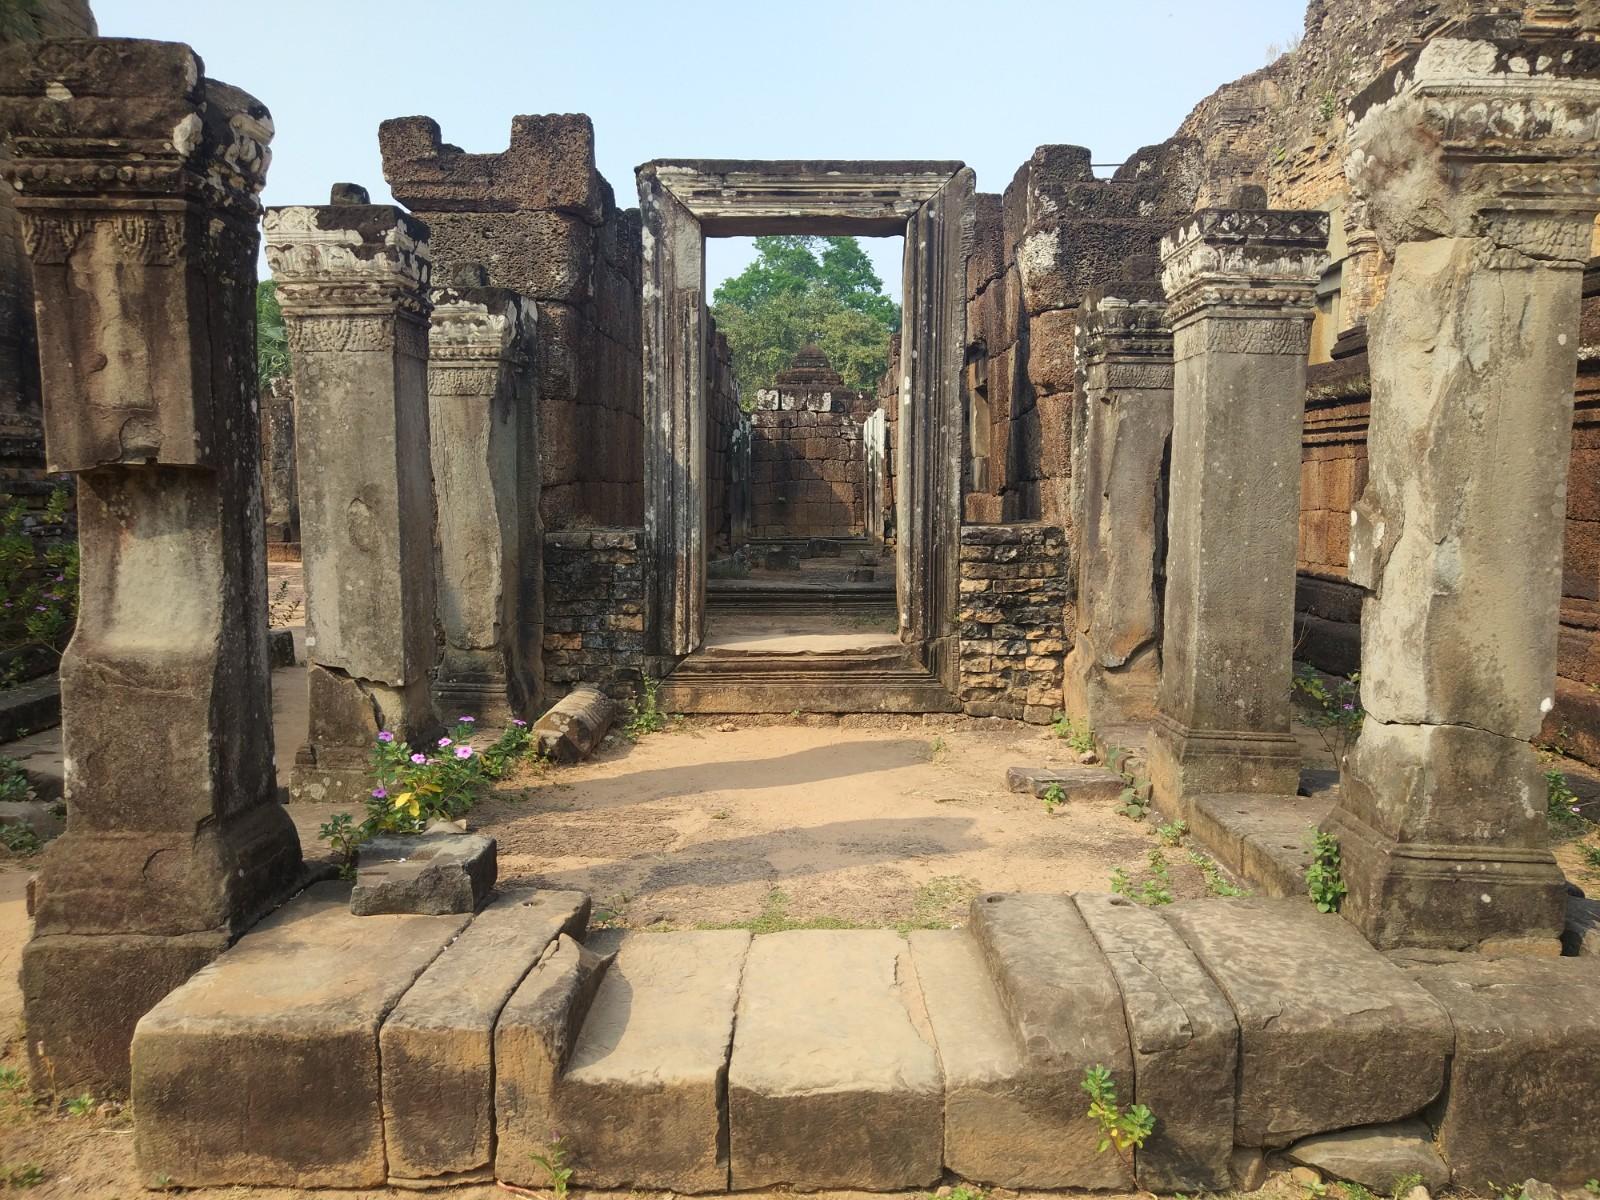 【新年再出发】走进吴哥古代遗迹,探寻失落文明